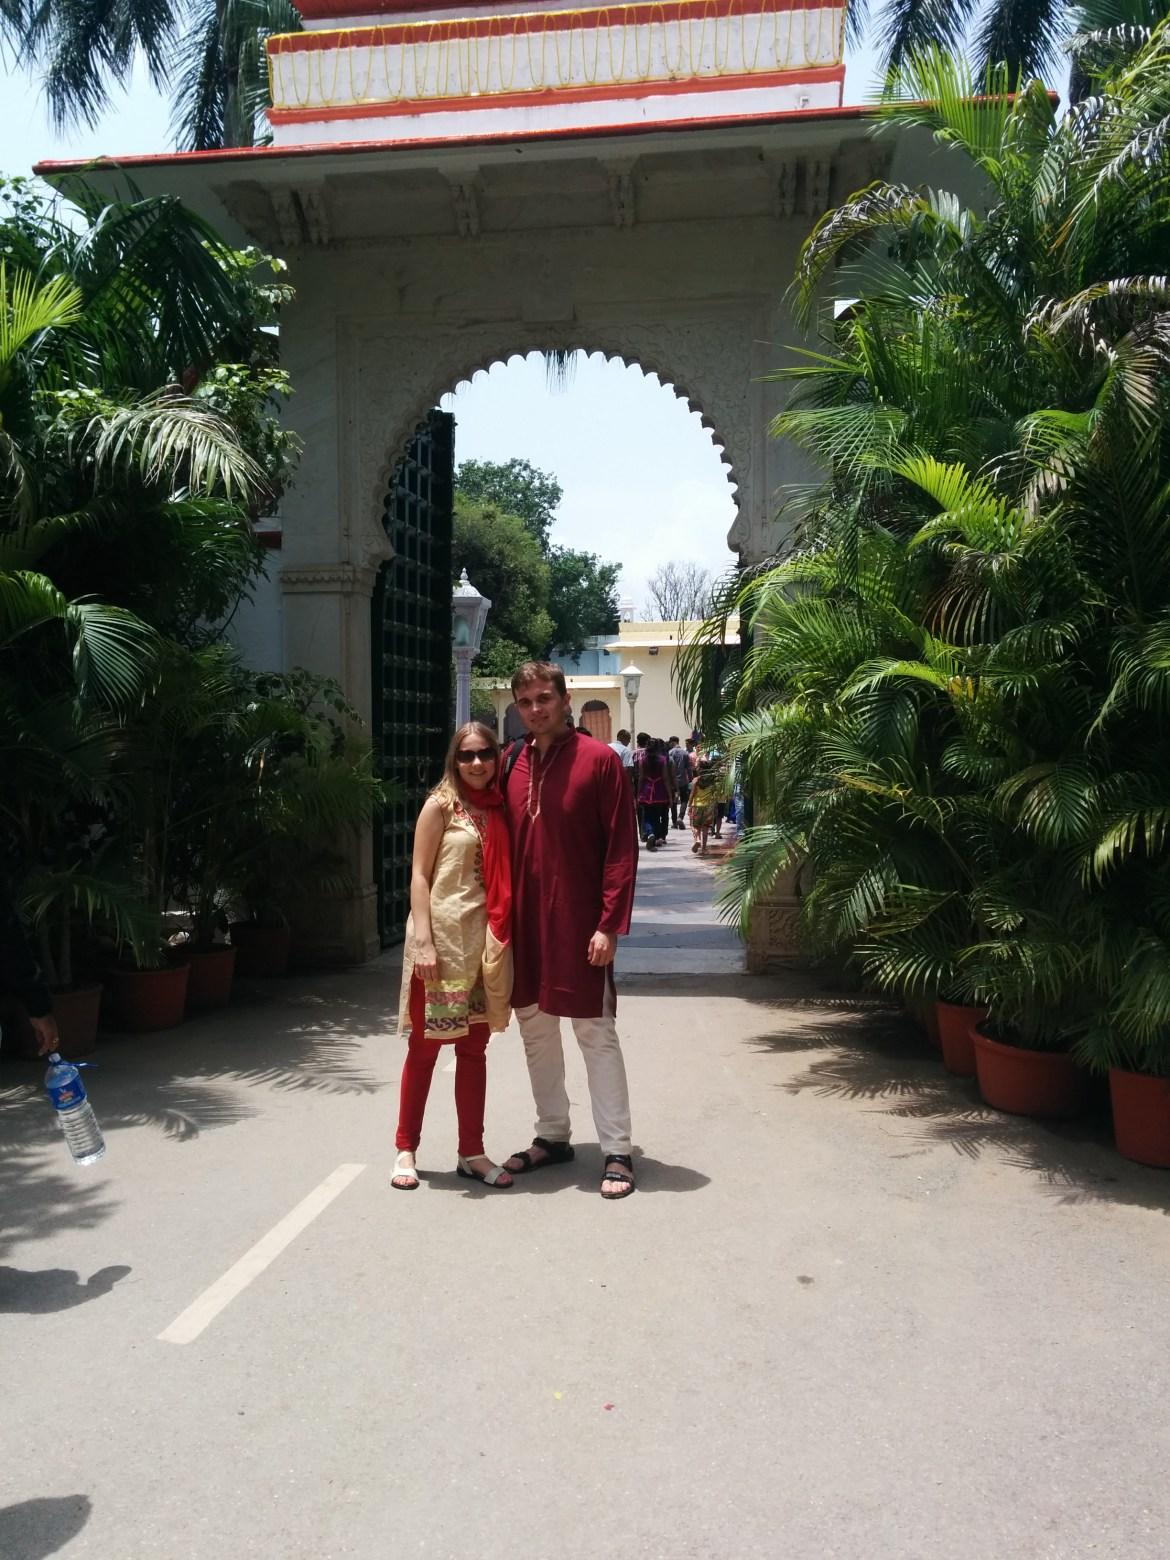 img 20140817 122914 - Bombaj, czyli jak daliśmy się oszukać